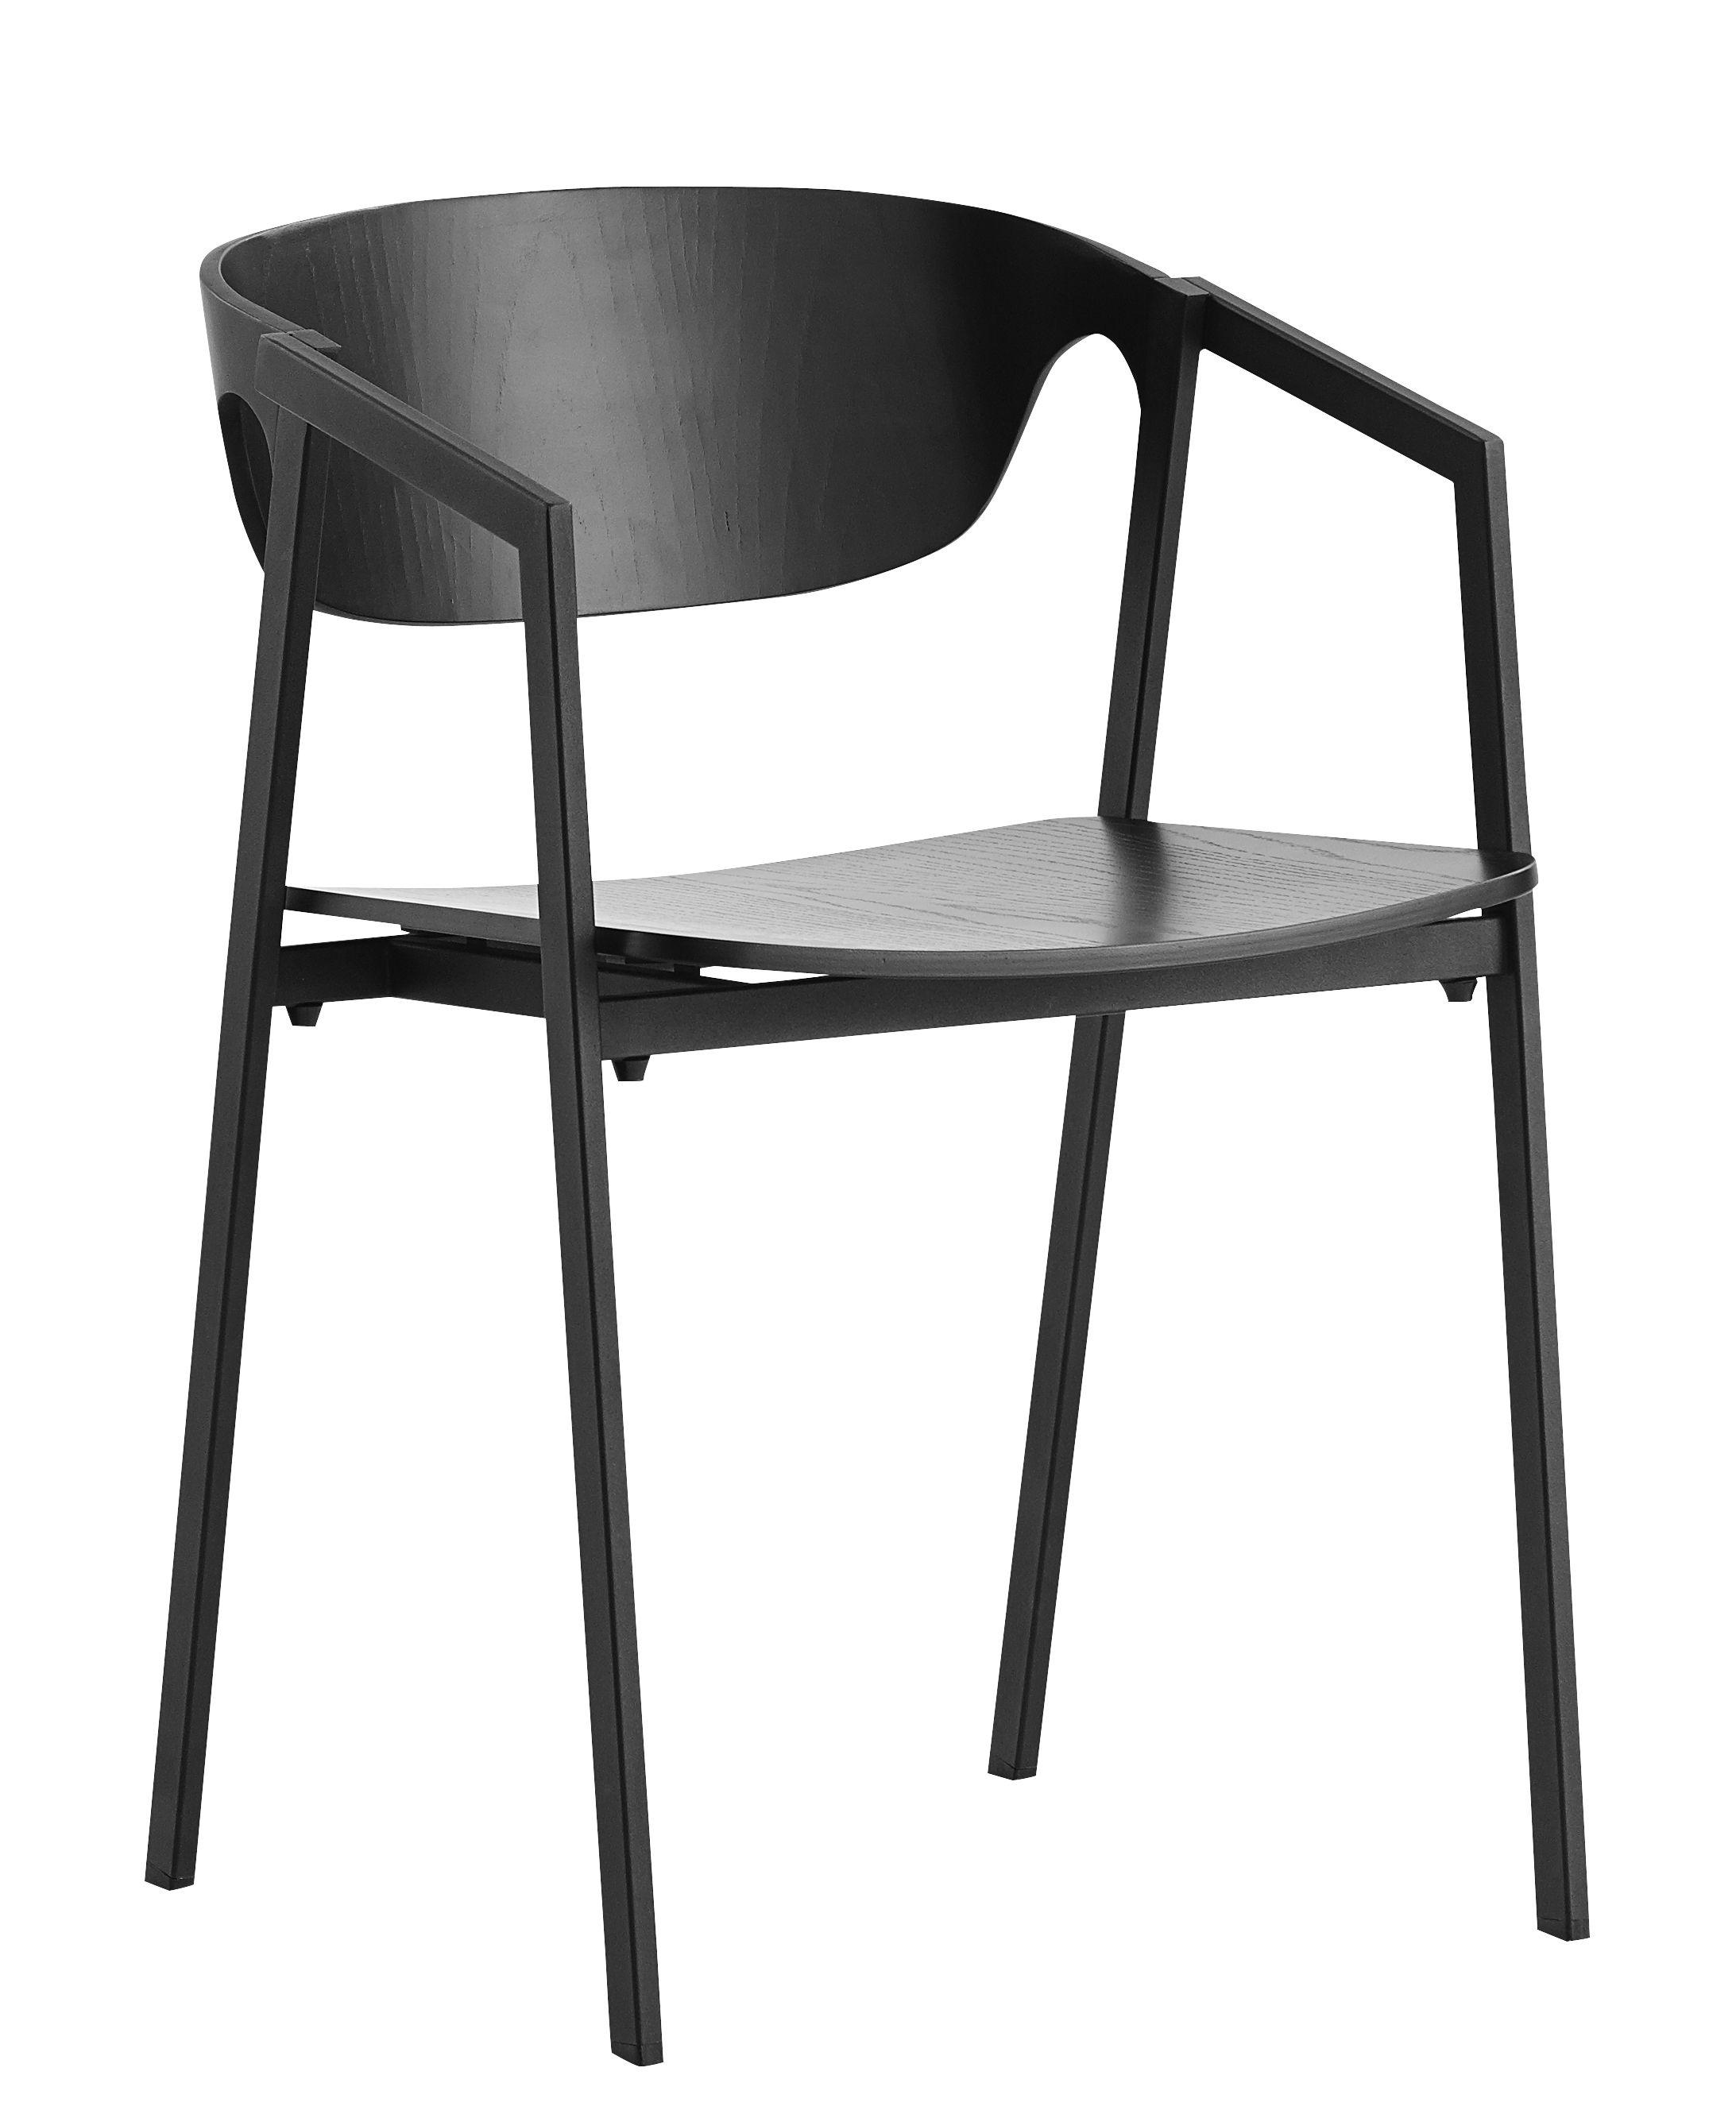 Arredamento - Sedie  - Poltrona impilabile S.A.C. / Metallo & legno - Woud - Noir - Compensato di rovere, Metallo